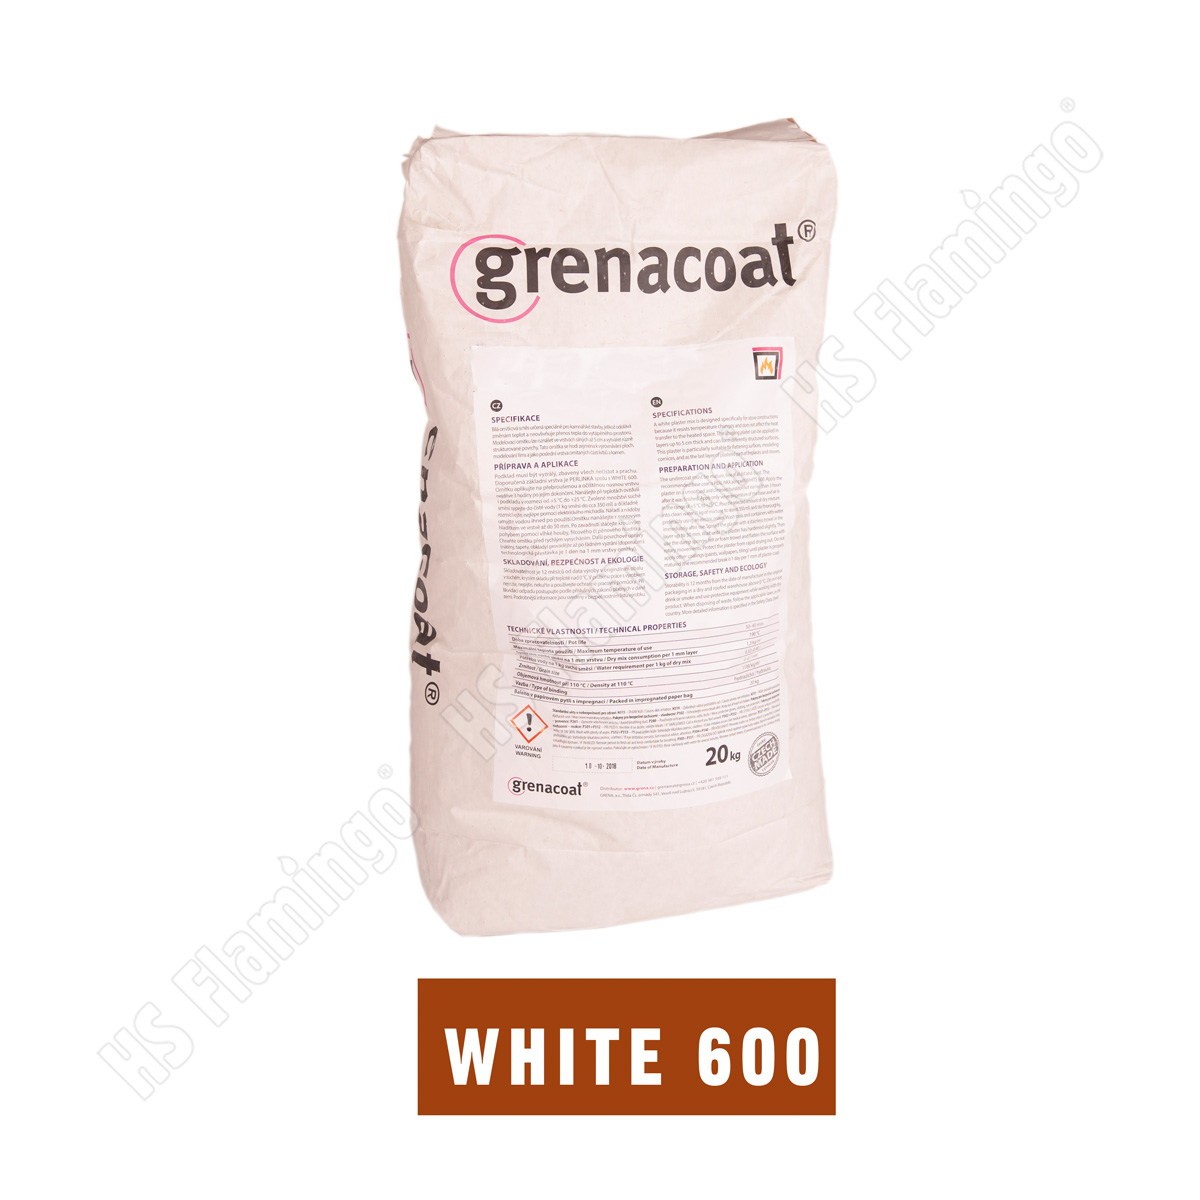 Lepidlo Grenacoat WHITE 600, bílé 20 kg